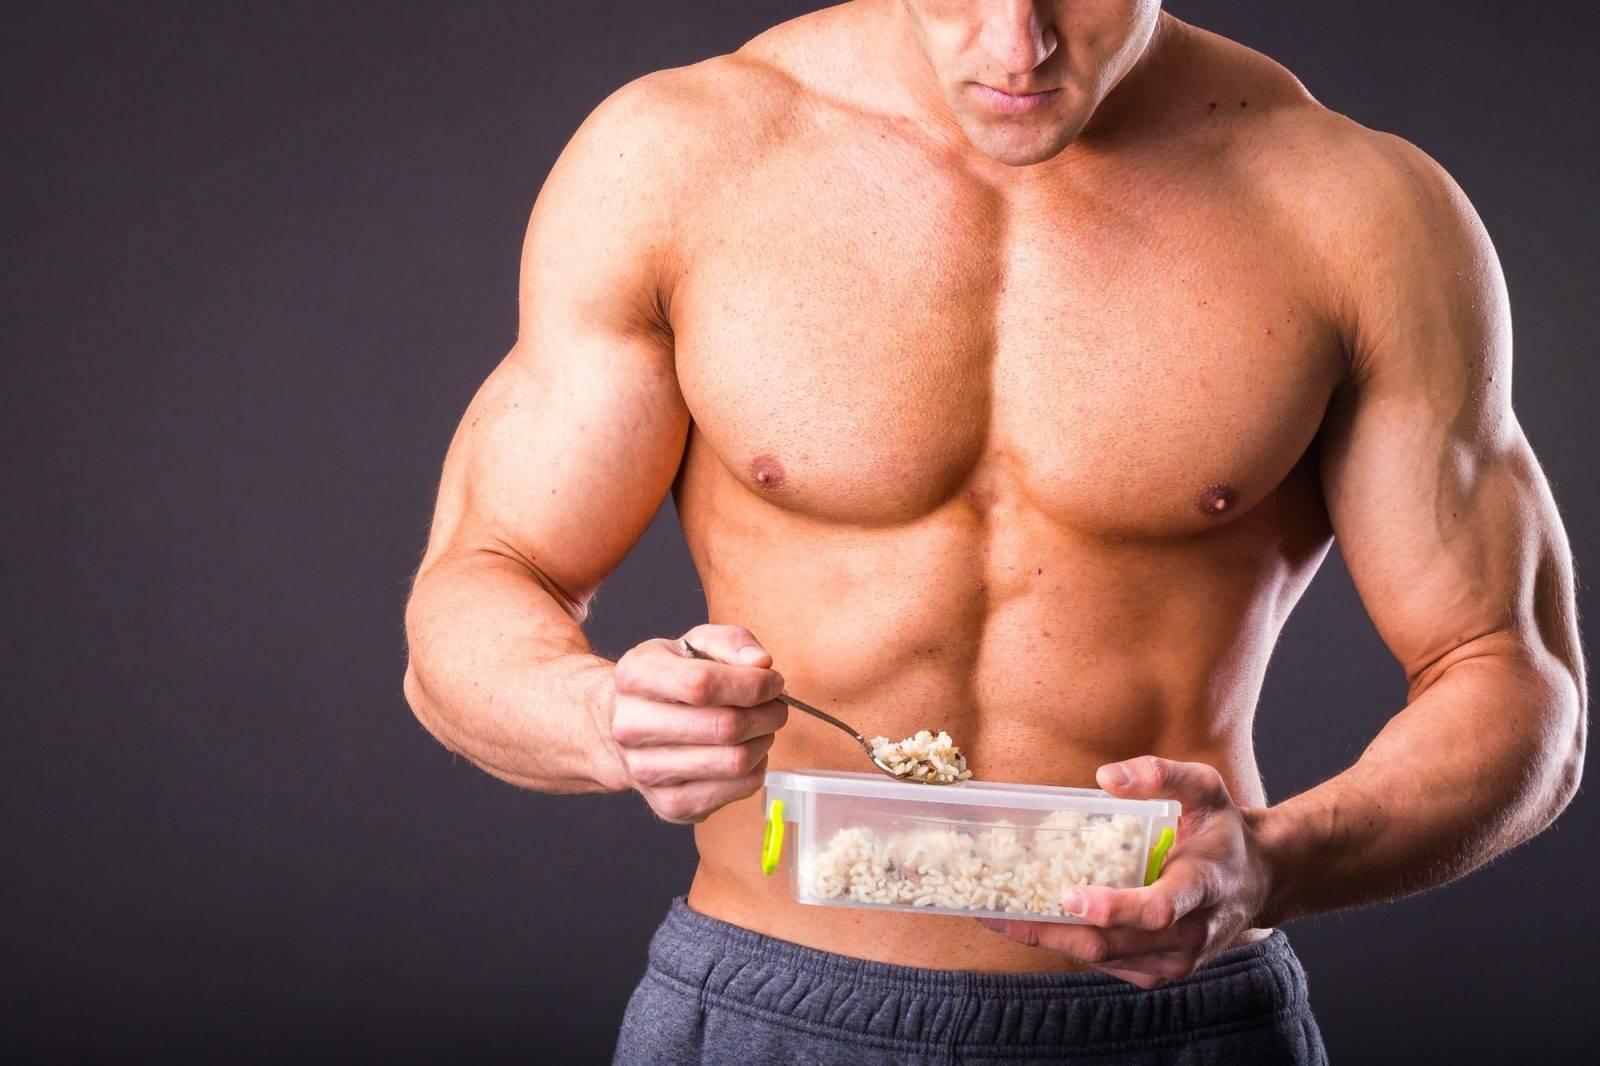 Правильное питание для рельефа мышц: кето и низкоуглеводная диета